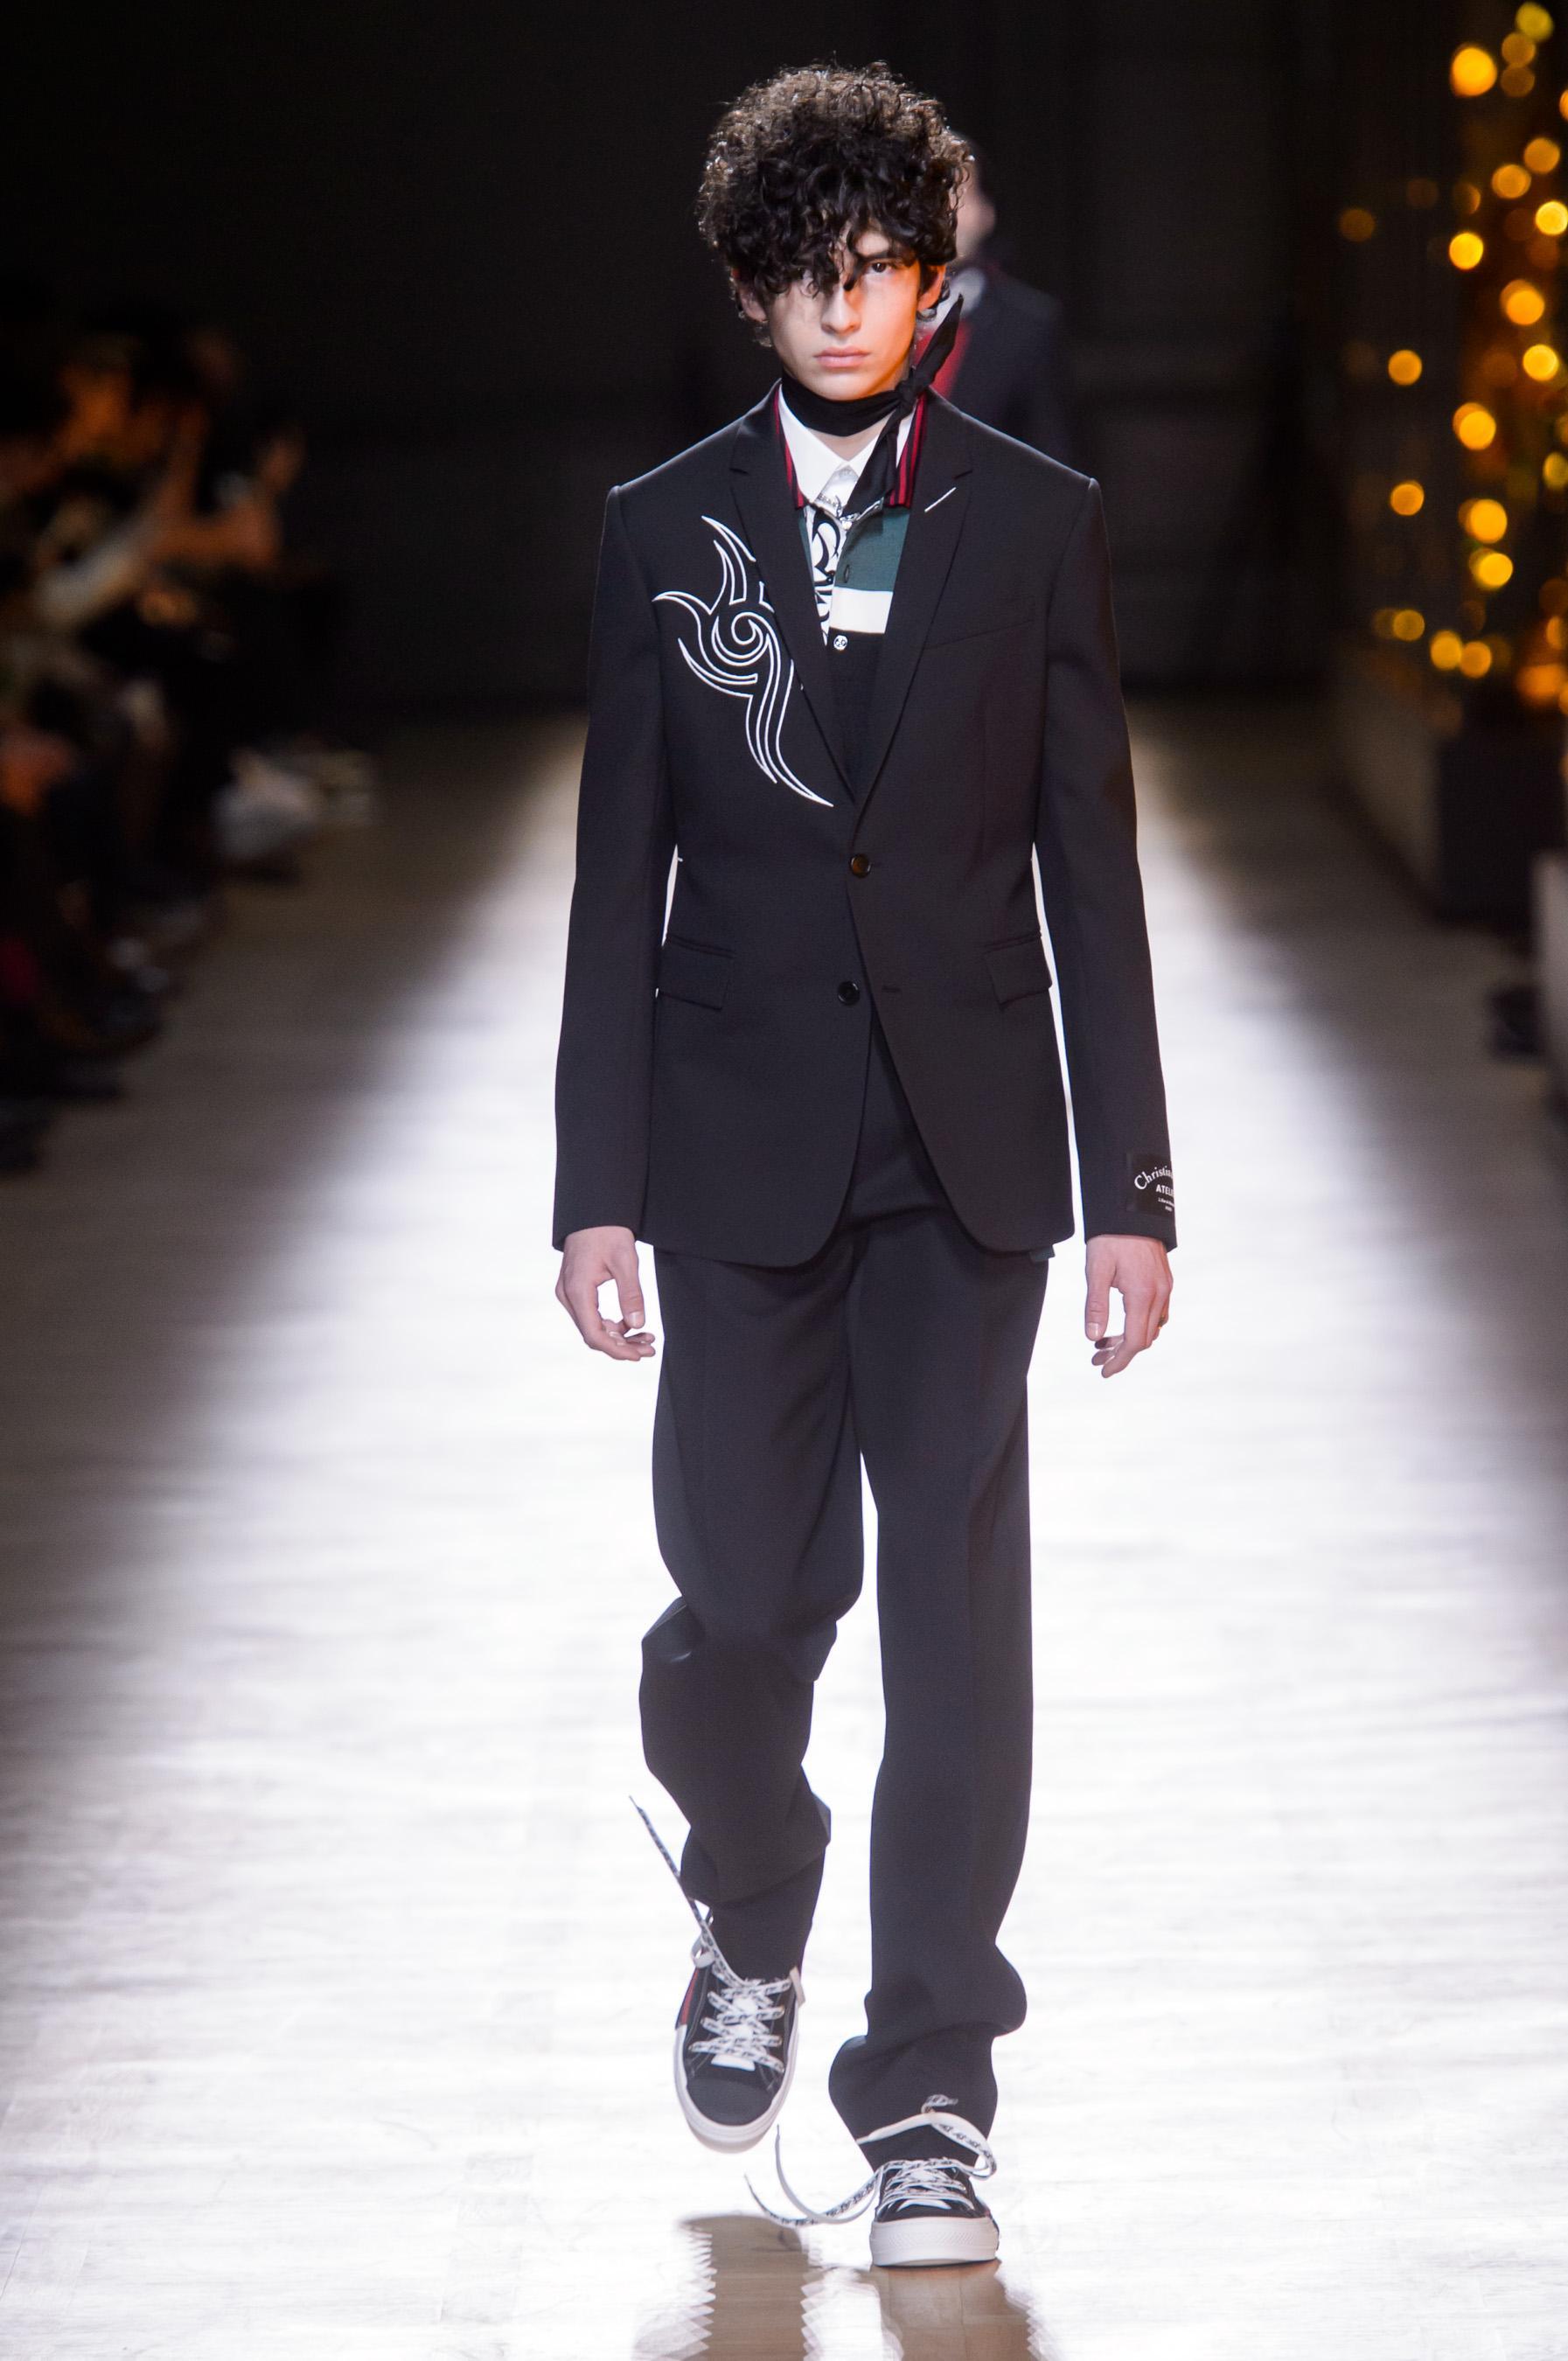 83488d3e5457 Défilé Dior Homme automne-hiver 2018-2019 Homme - Madame Figaro